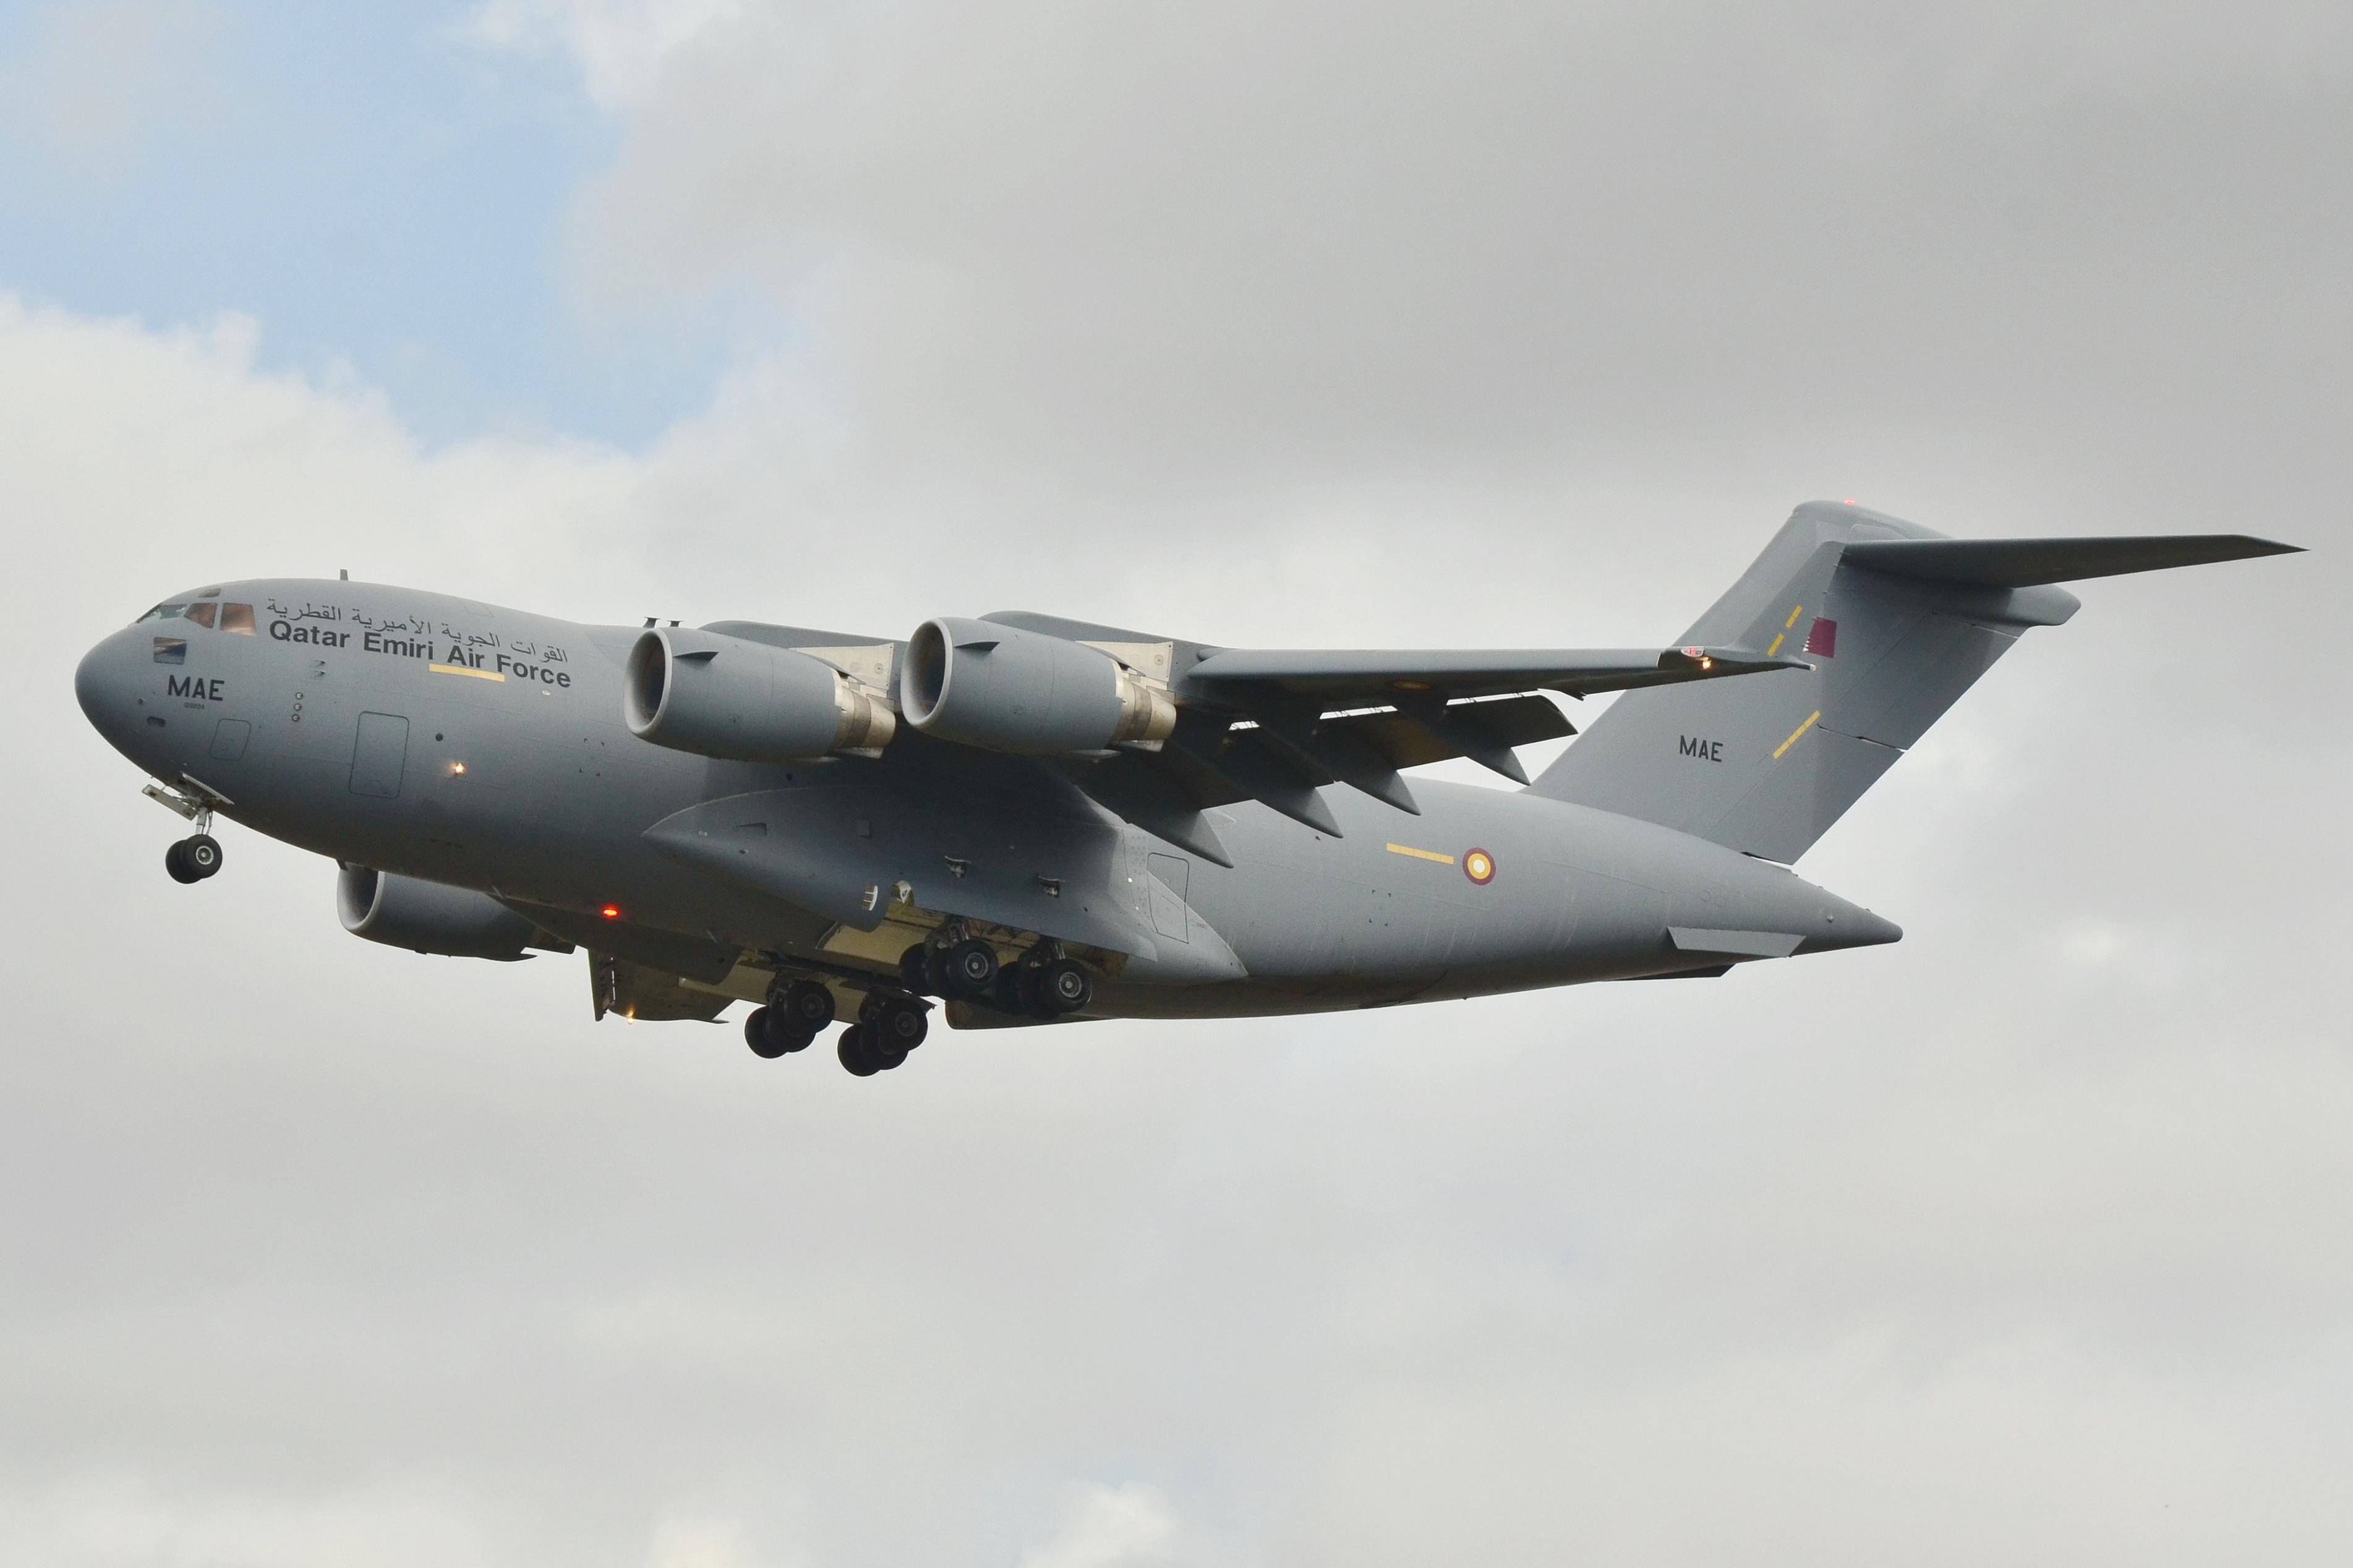 File:Boeing C-17A Globemaster III Qatar Emiri Air Force A7-MAE - MSN F252 QA4 (10101360223).jpg - Wikimedia Commons